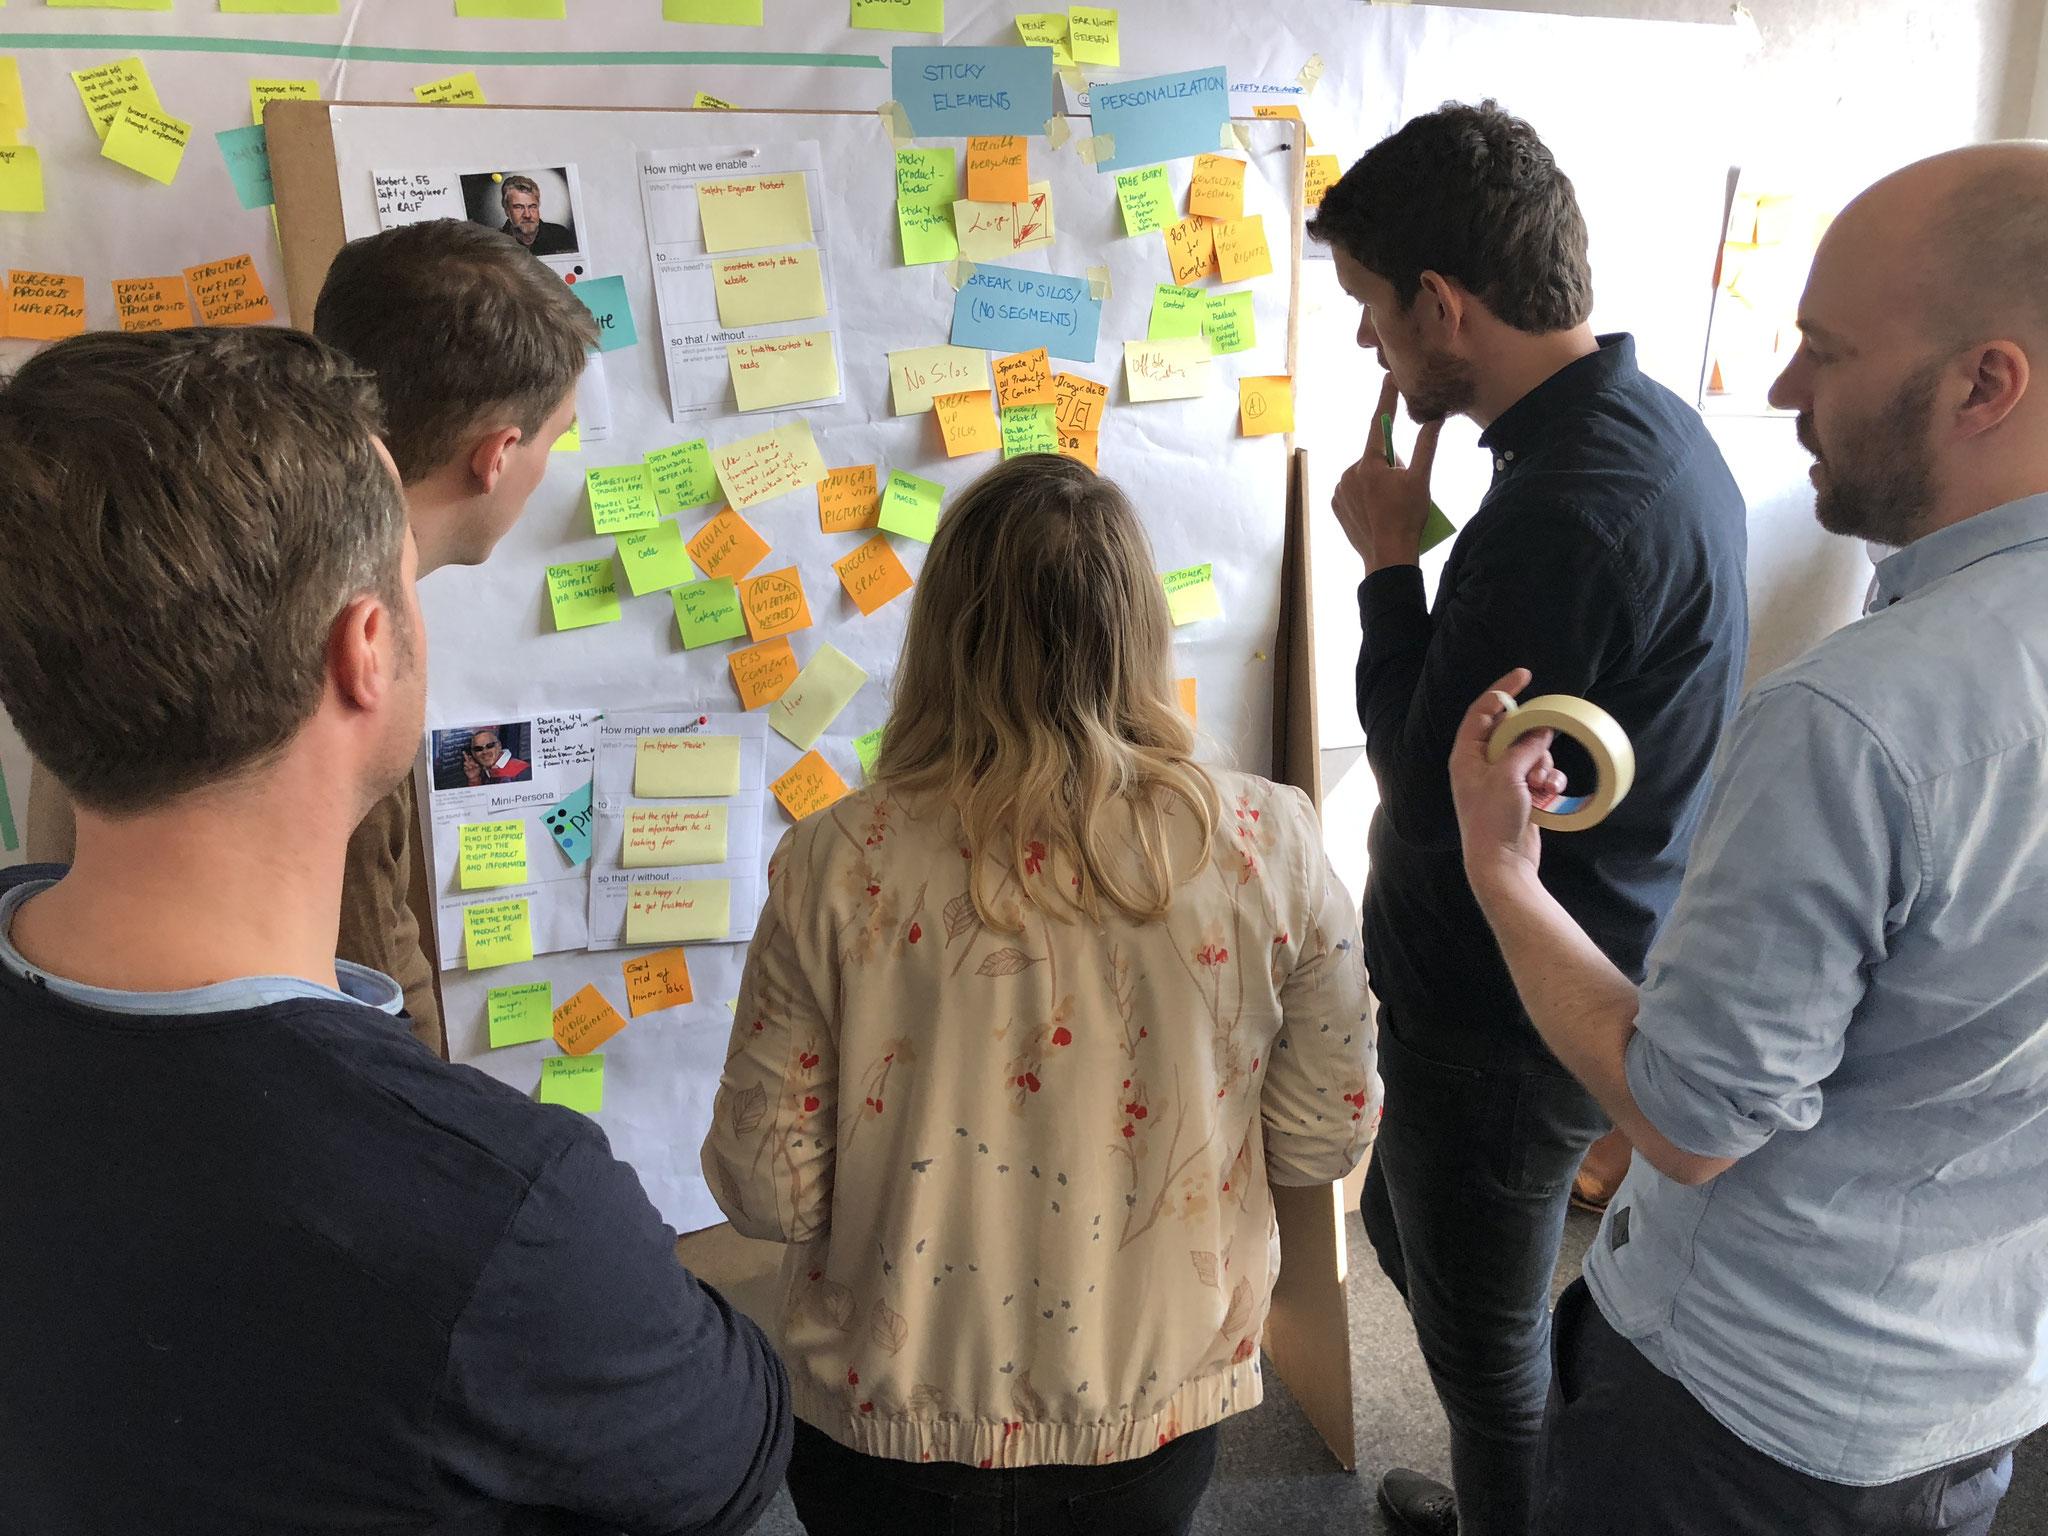 Nach Präzisierung des Problems entwickeln die drei Teams eine Vielzahl von Ideen.